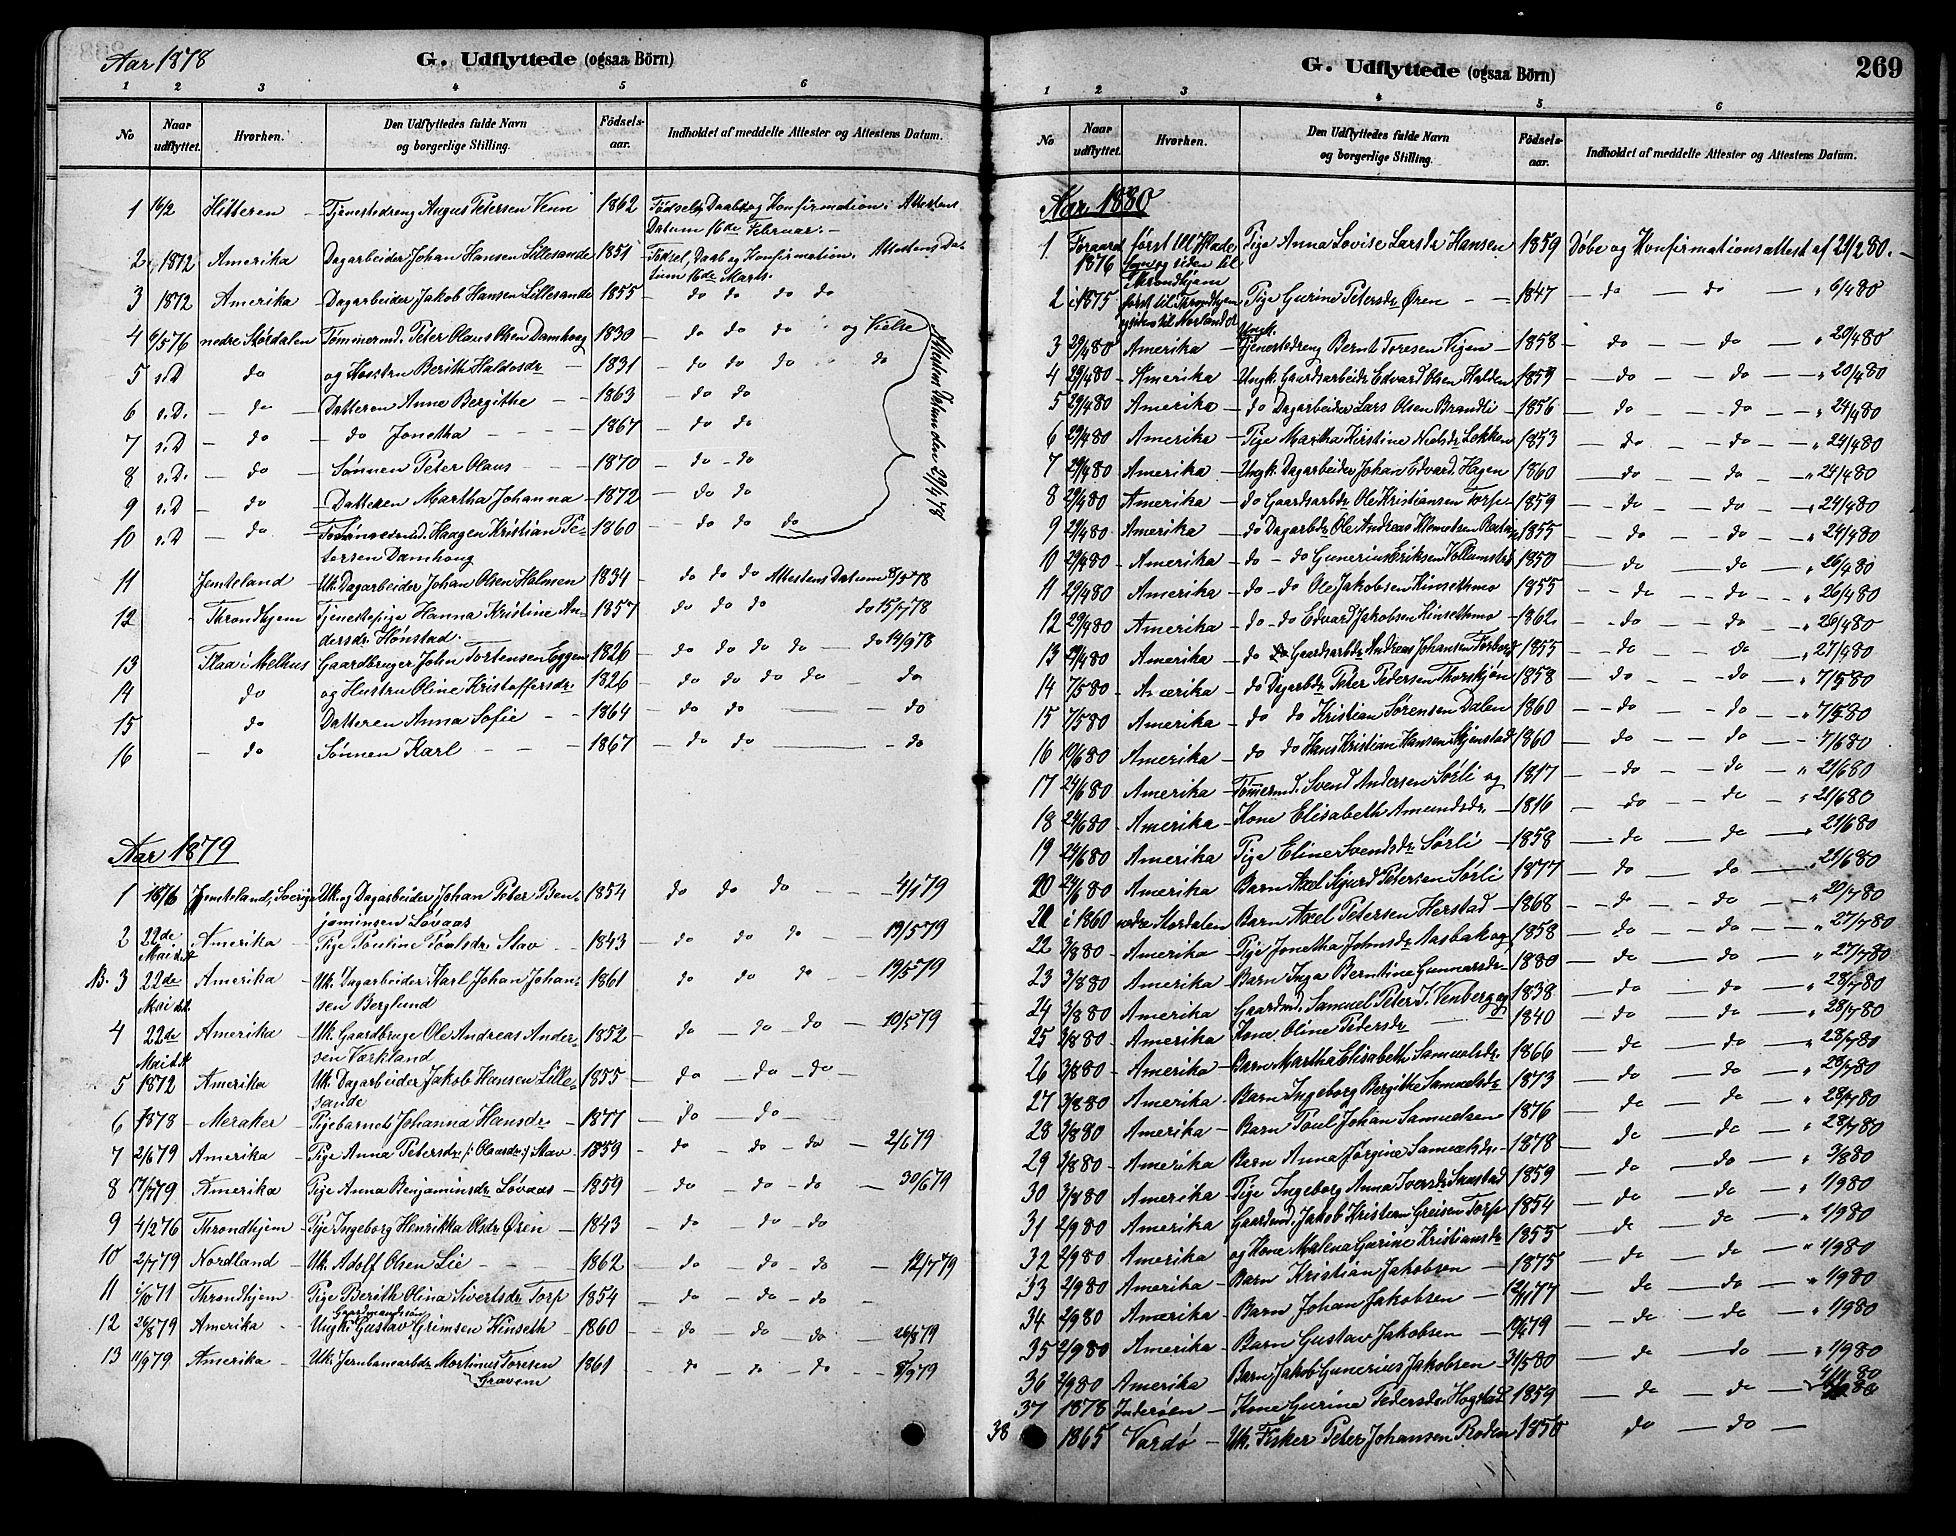 SAT, Ministerialprotokoller, klokkerbøker og fødselsregistre - Sør-Trøndelag, 616/L0423: Klokkerbok nr. 616C06, 1878-1903, s. 269